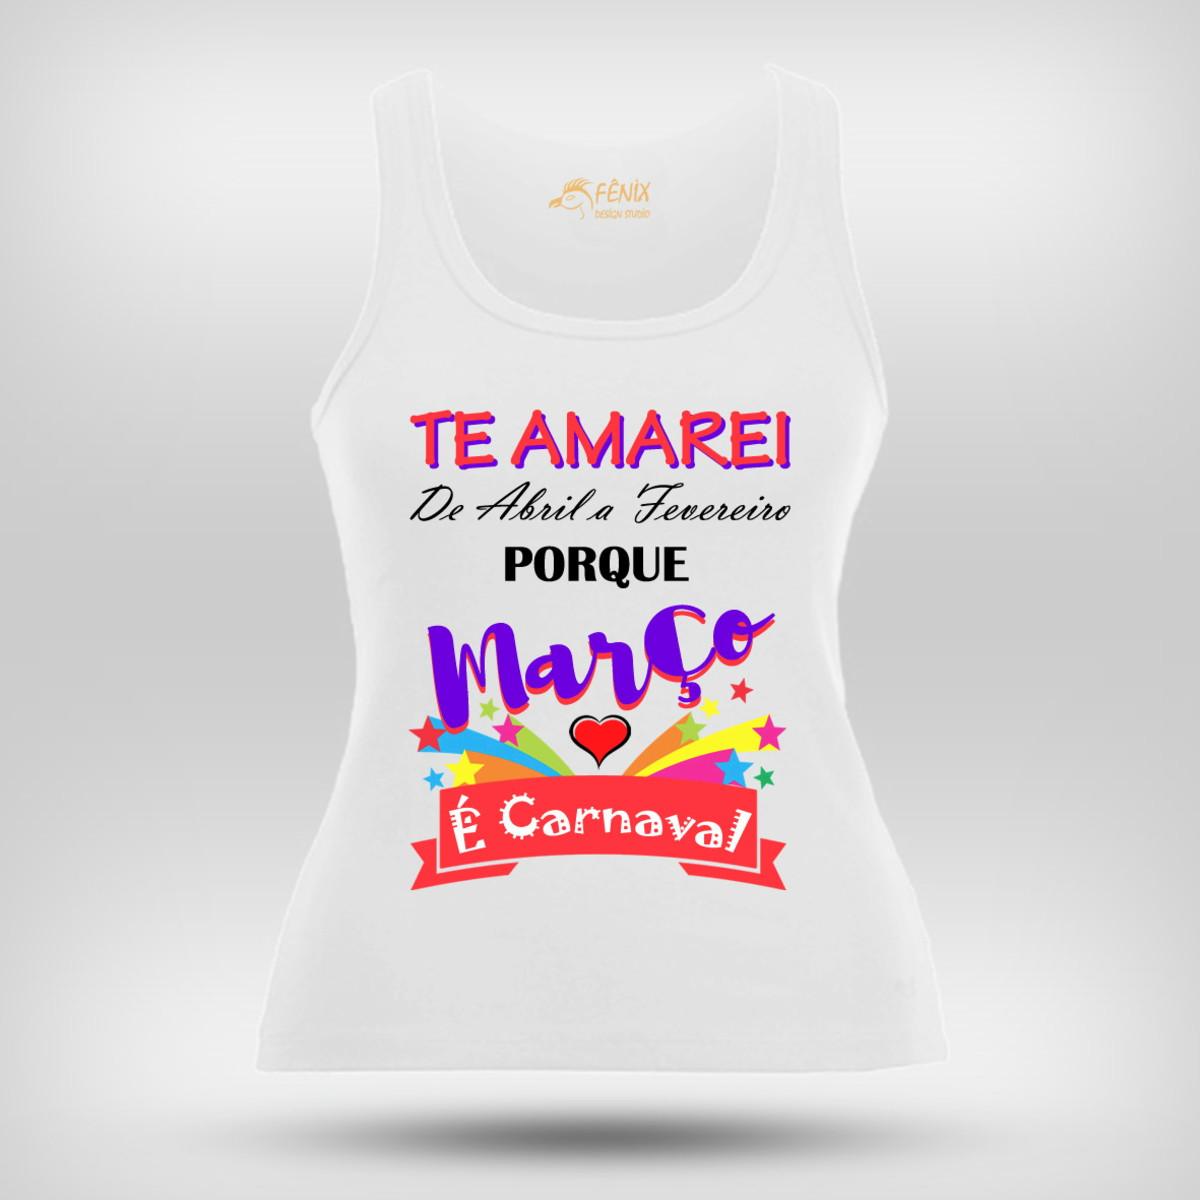 Regata Masculina ou Feminina Carnaval Promoção no Elo7  2ee95afb05b32